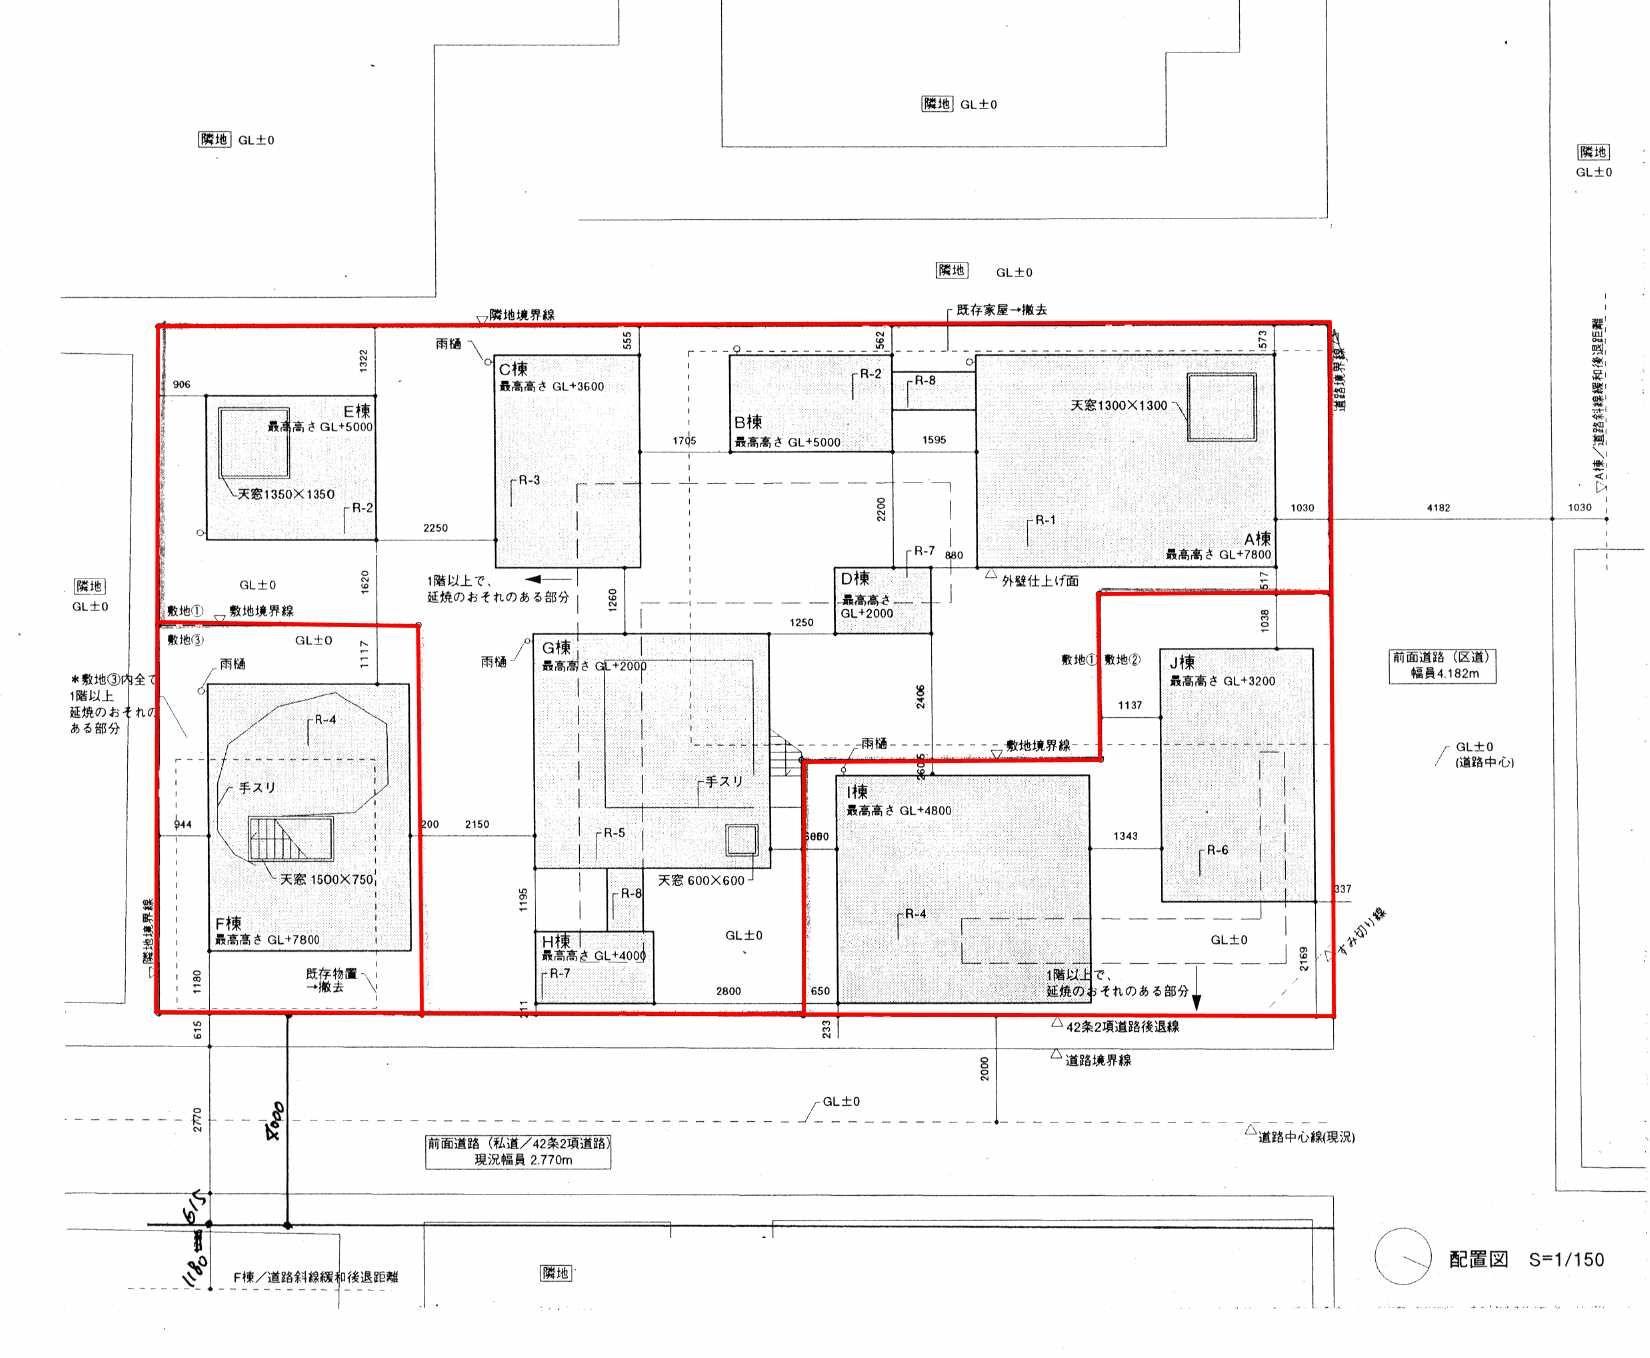 森山邸配置図 平面図 建築図面 配置図